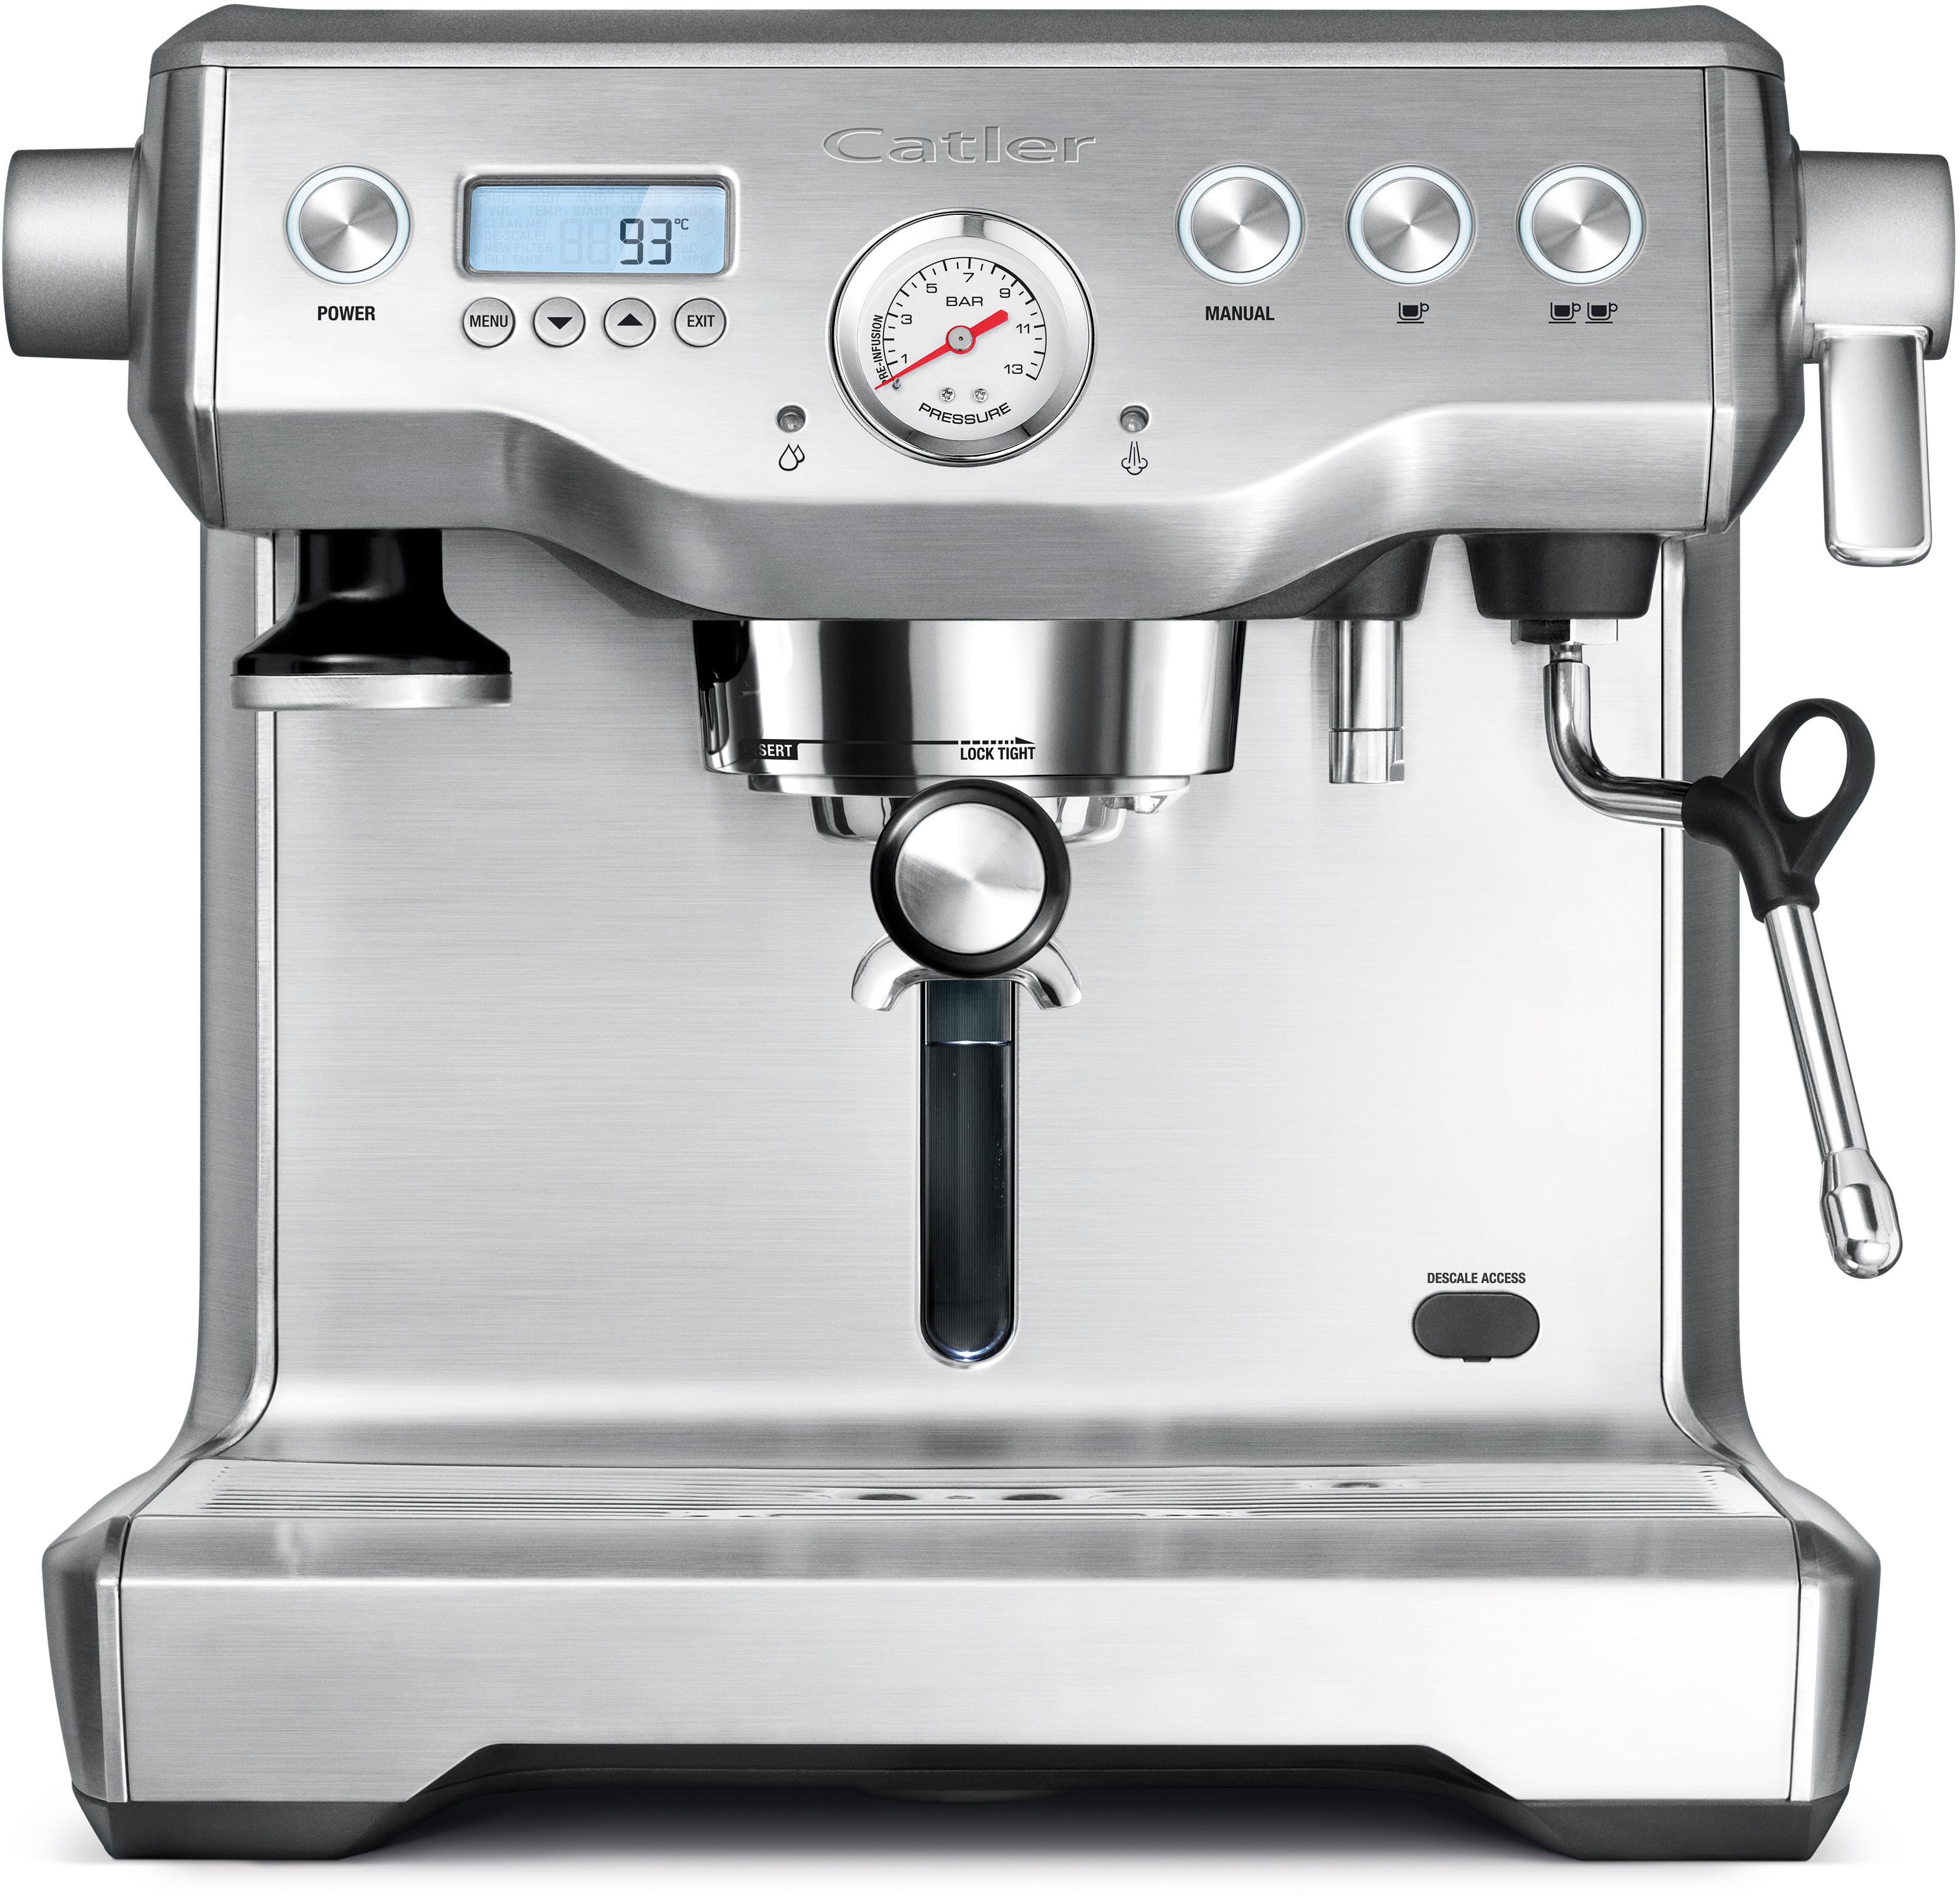 CATLER ES 9010 espresso